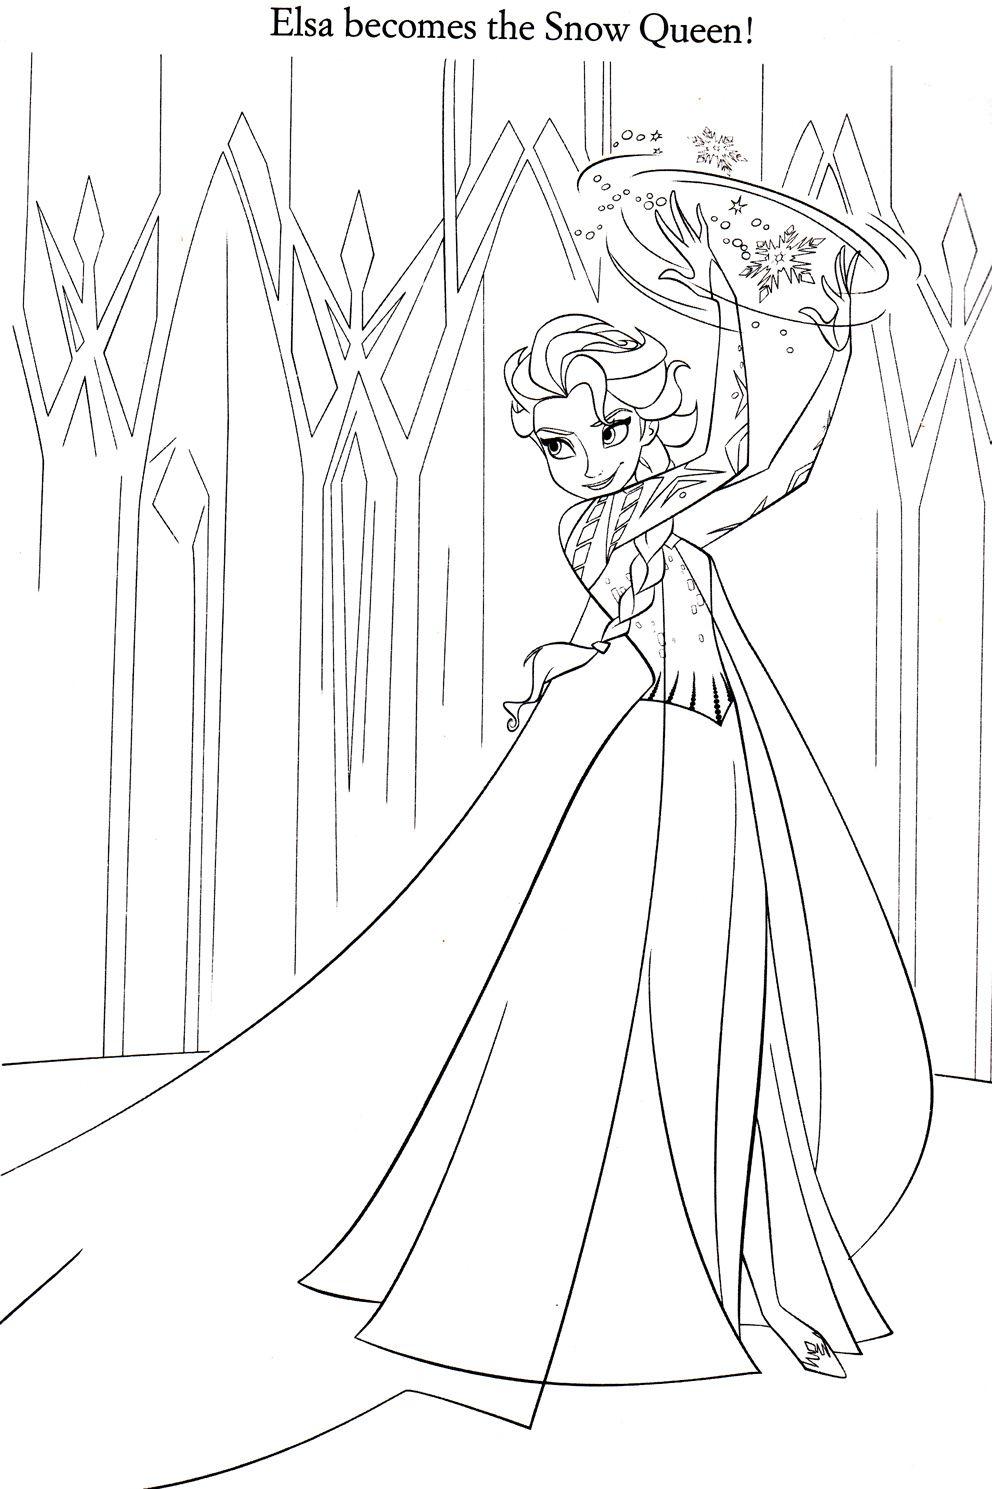 Pin By Elizabeth Rall On Frozen Frozen Coloring Pages Frozen Coloring Disney Coloring Pages